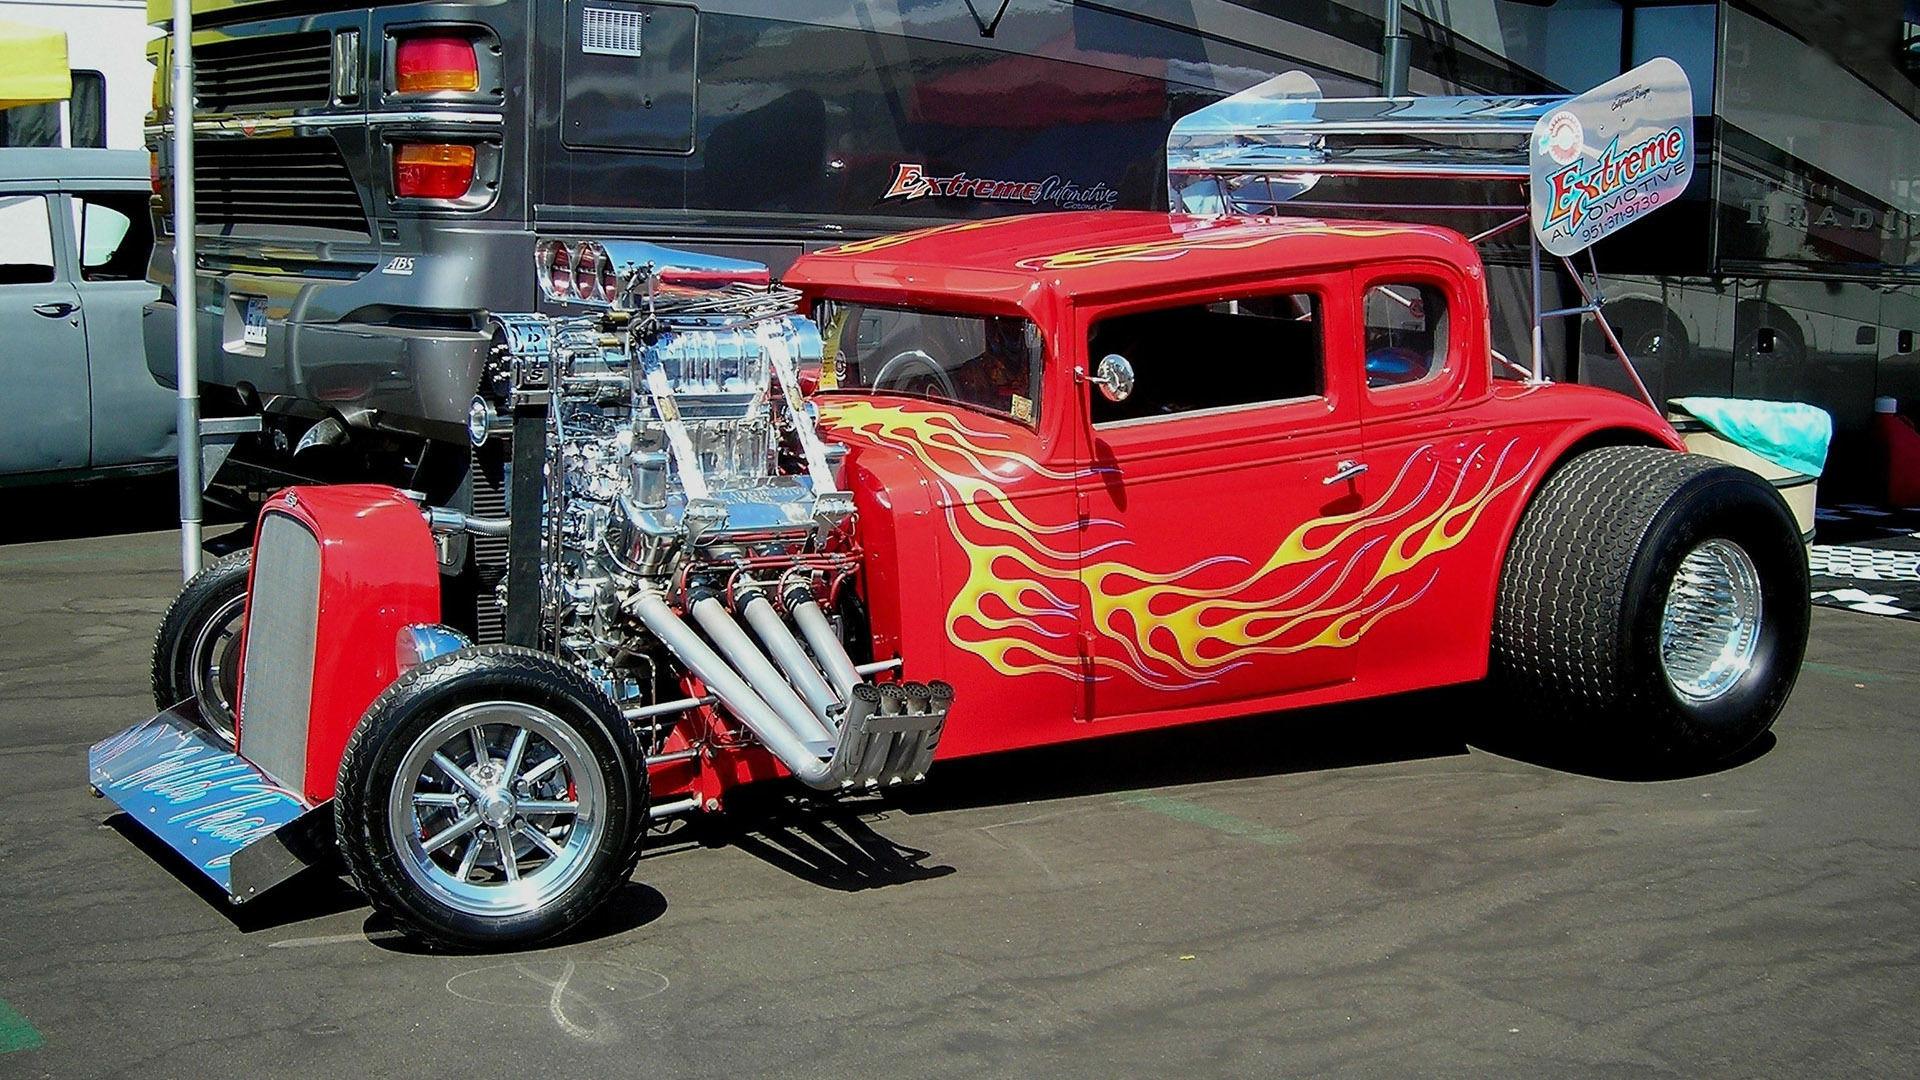 Red Hot Rod HD Wallpaper   HD 1920x1080